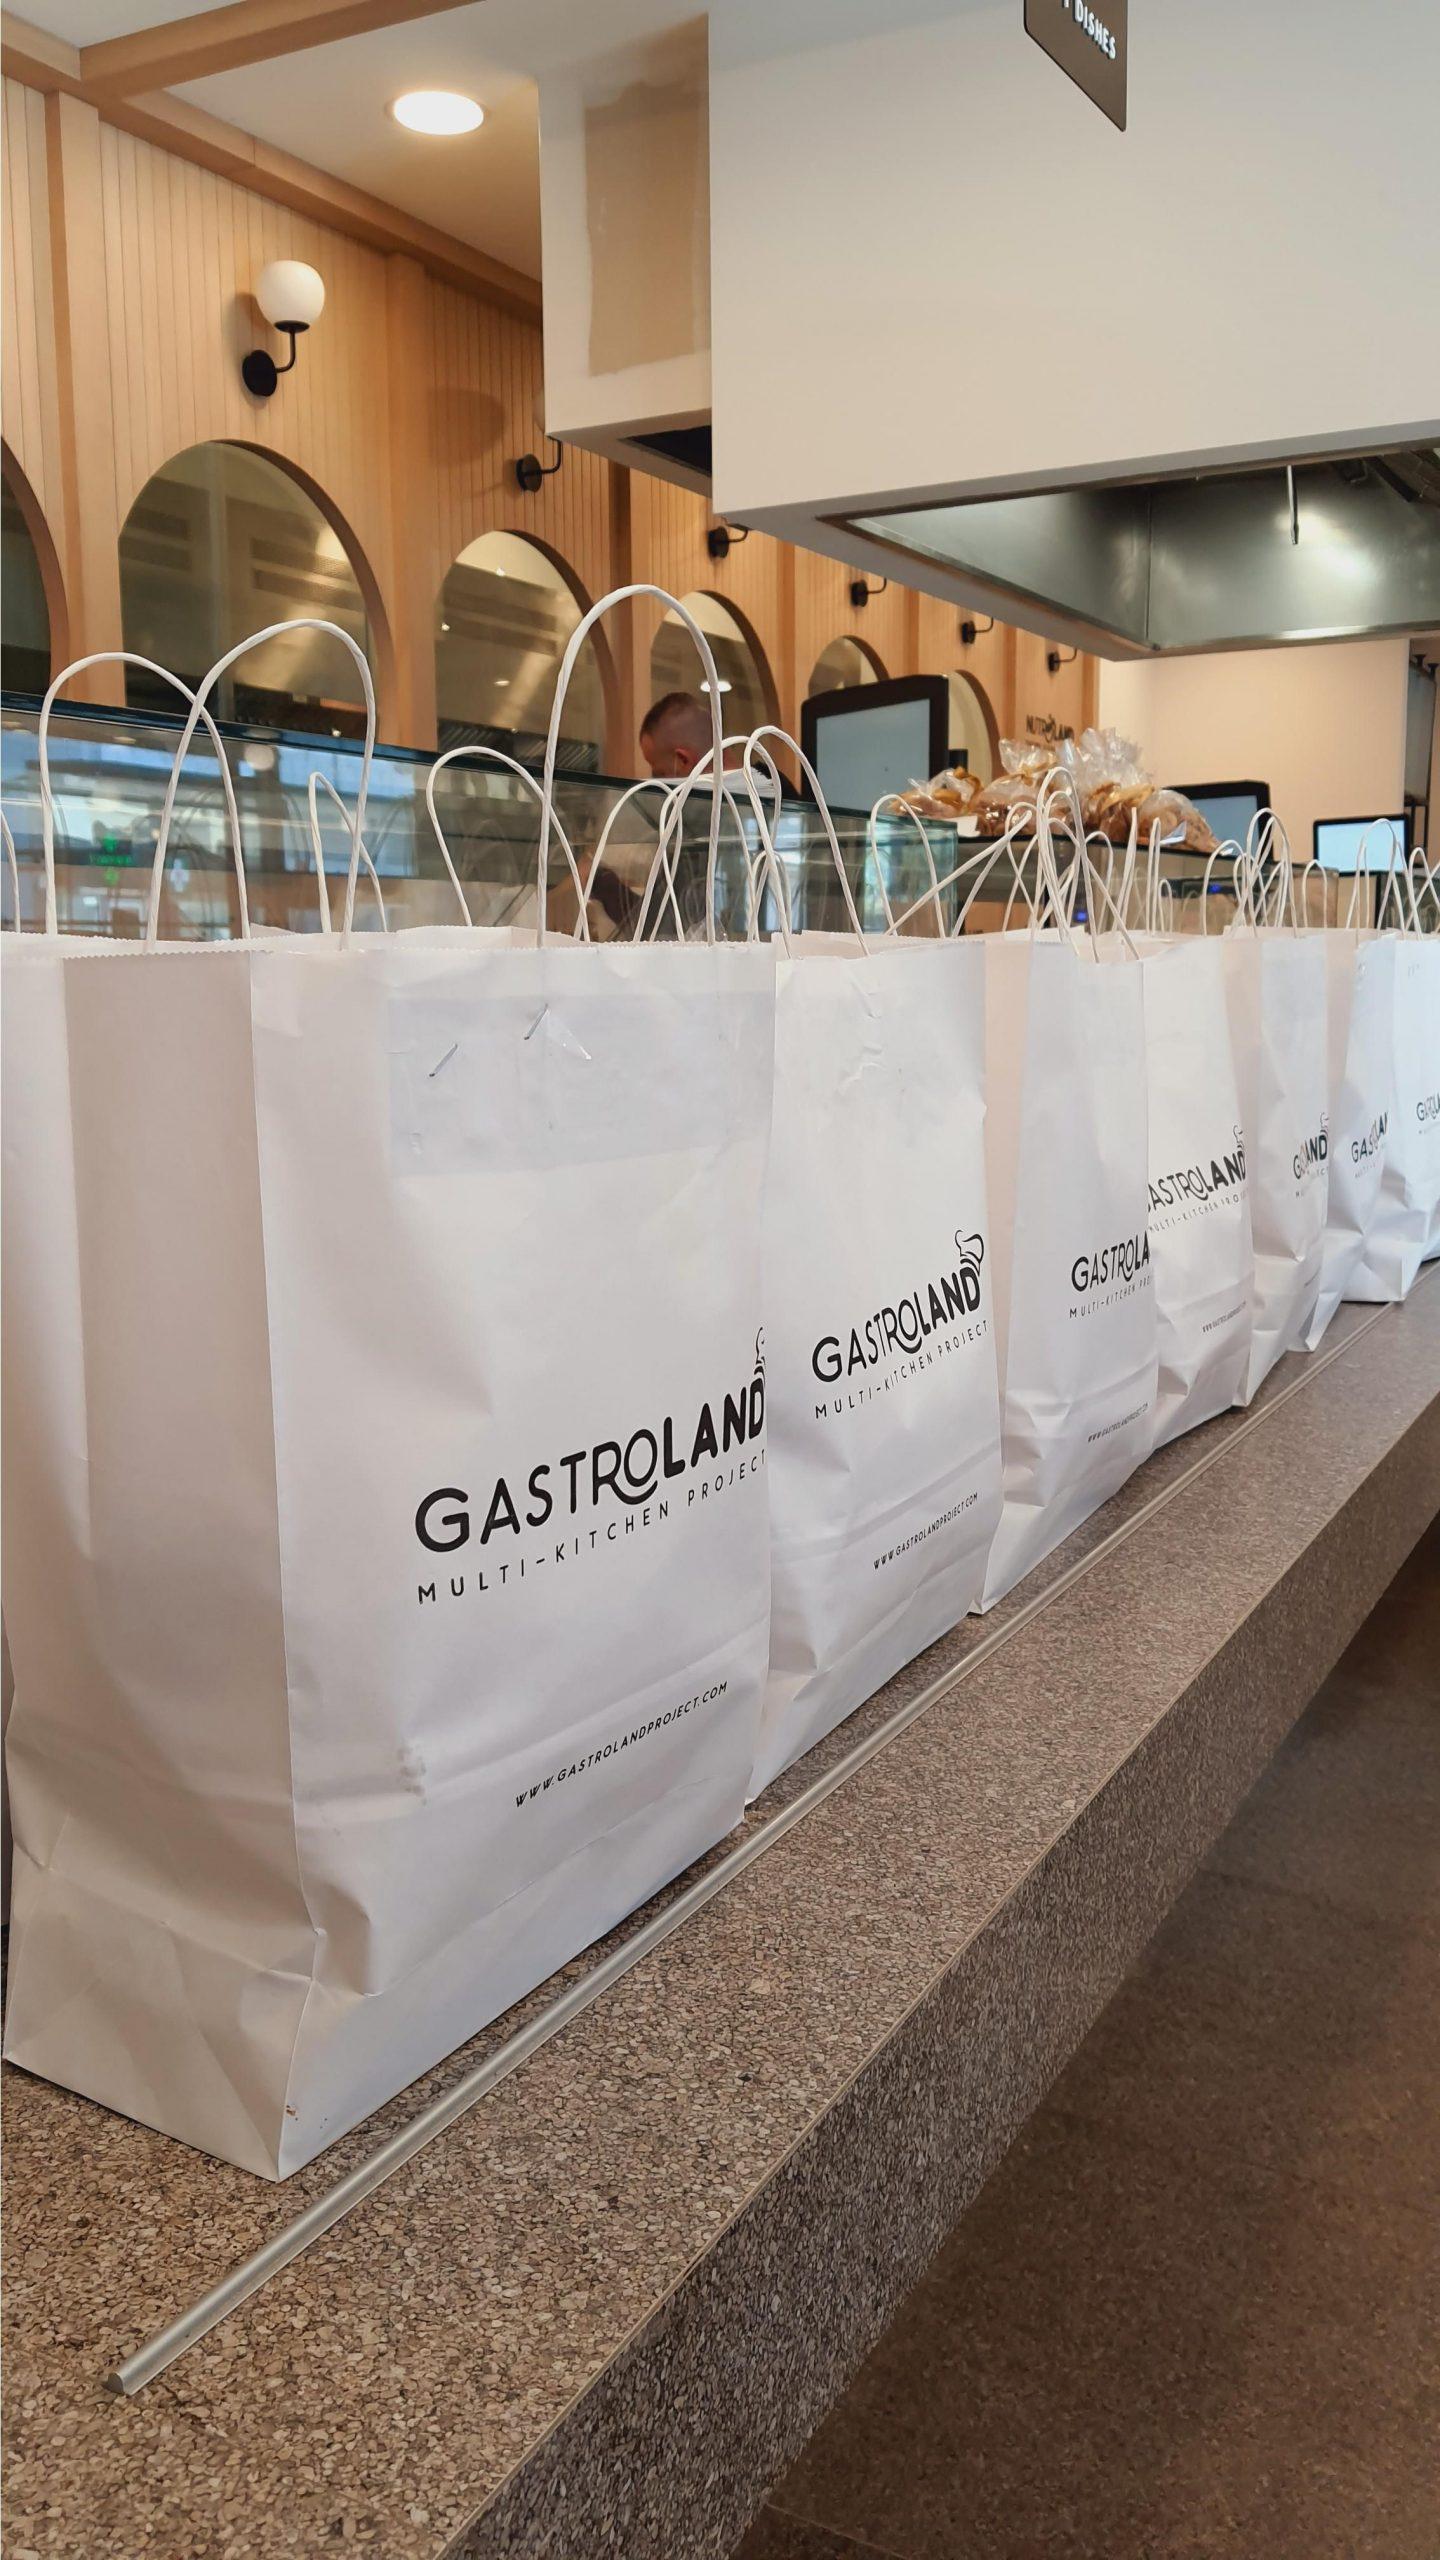 Η Gastroland παρέδωσε 500 γεύματα και Χριστουγεννιάτικα εδέσματα στον Σύνδεσμο Αγκαλιάζω με Αγάπη